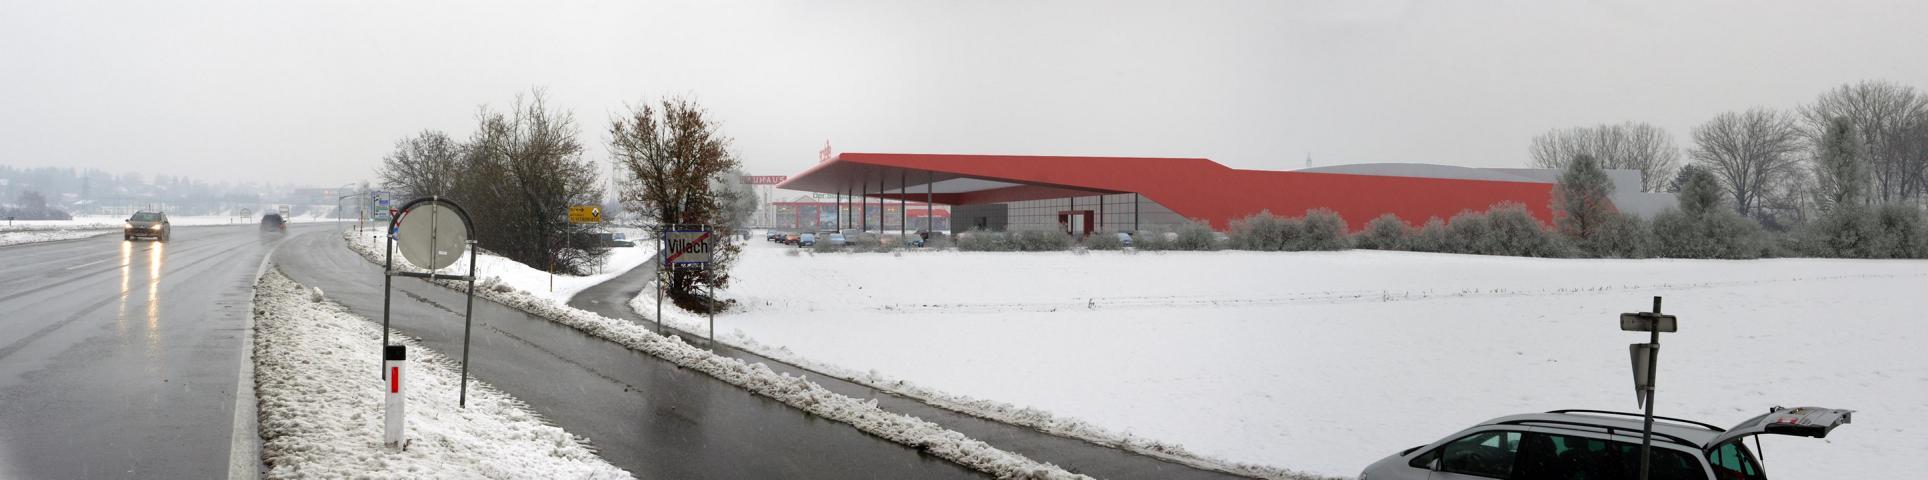 68_20100917_Rendering-Schnee